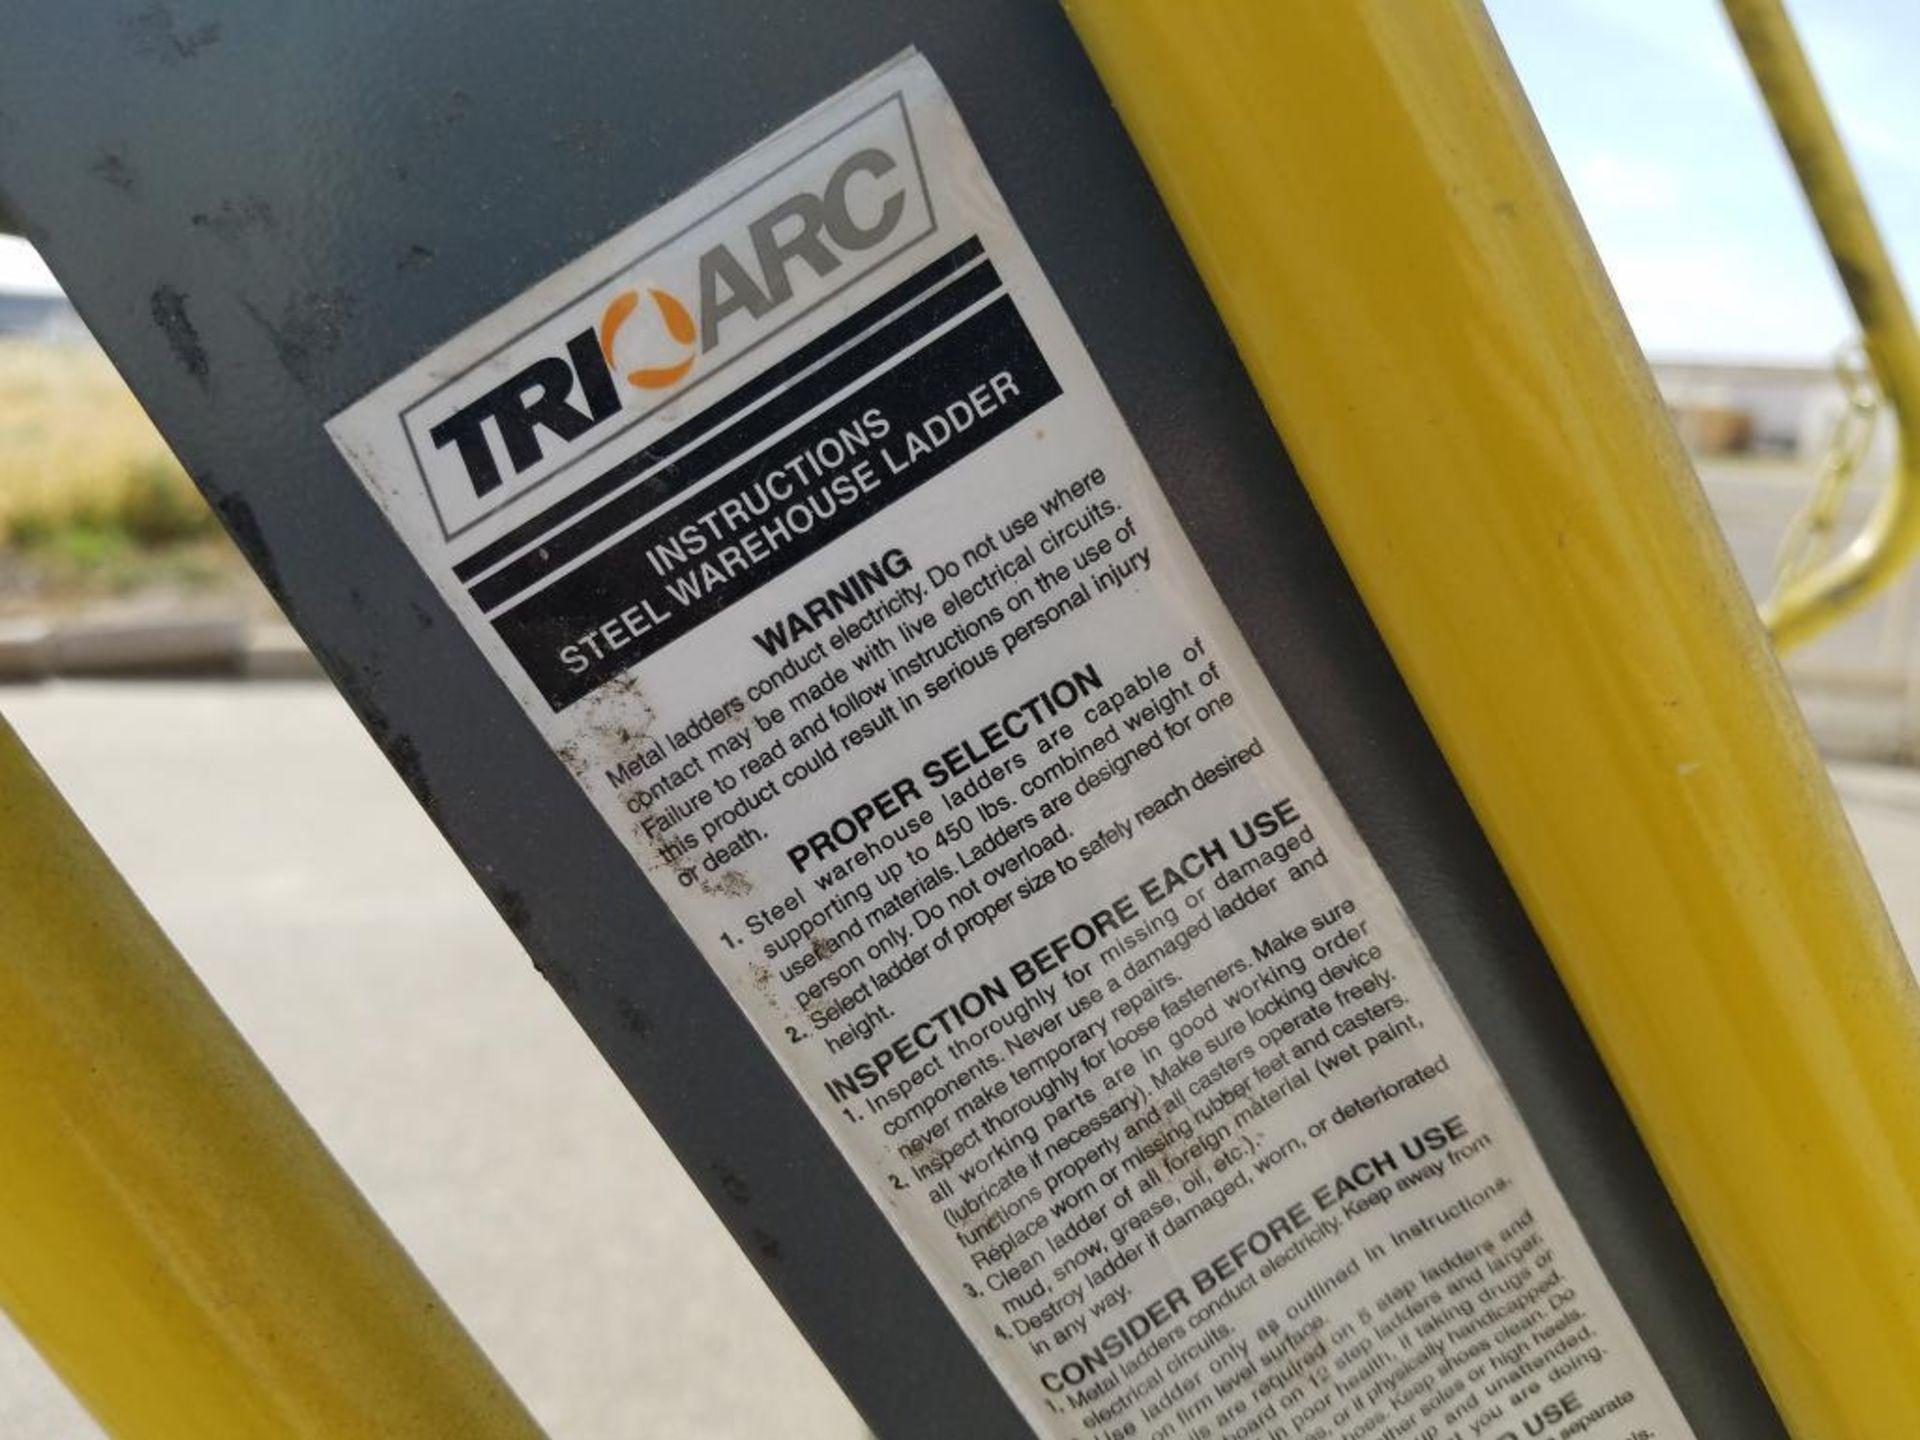 Tri Arc 7 ft. mobile platform - Image 3 of 3